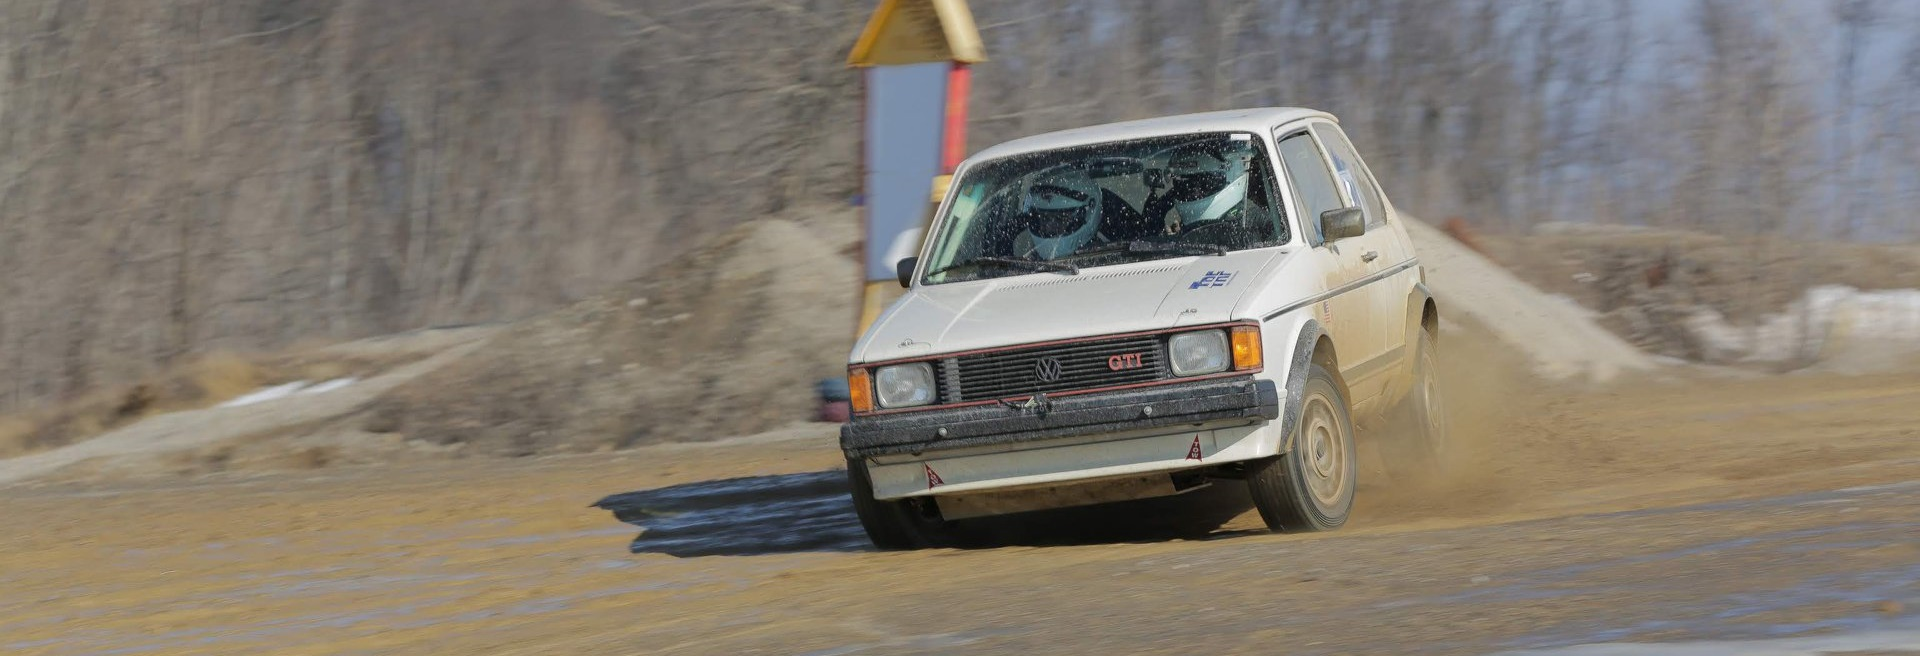 Feb2ary RallyCross Cancelled